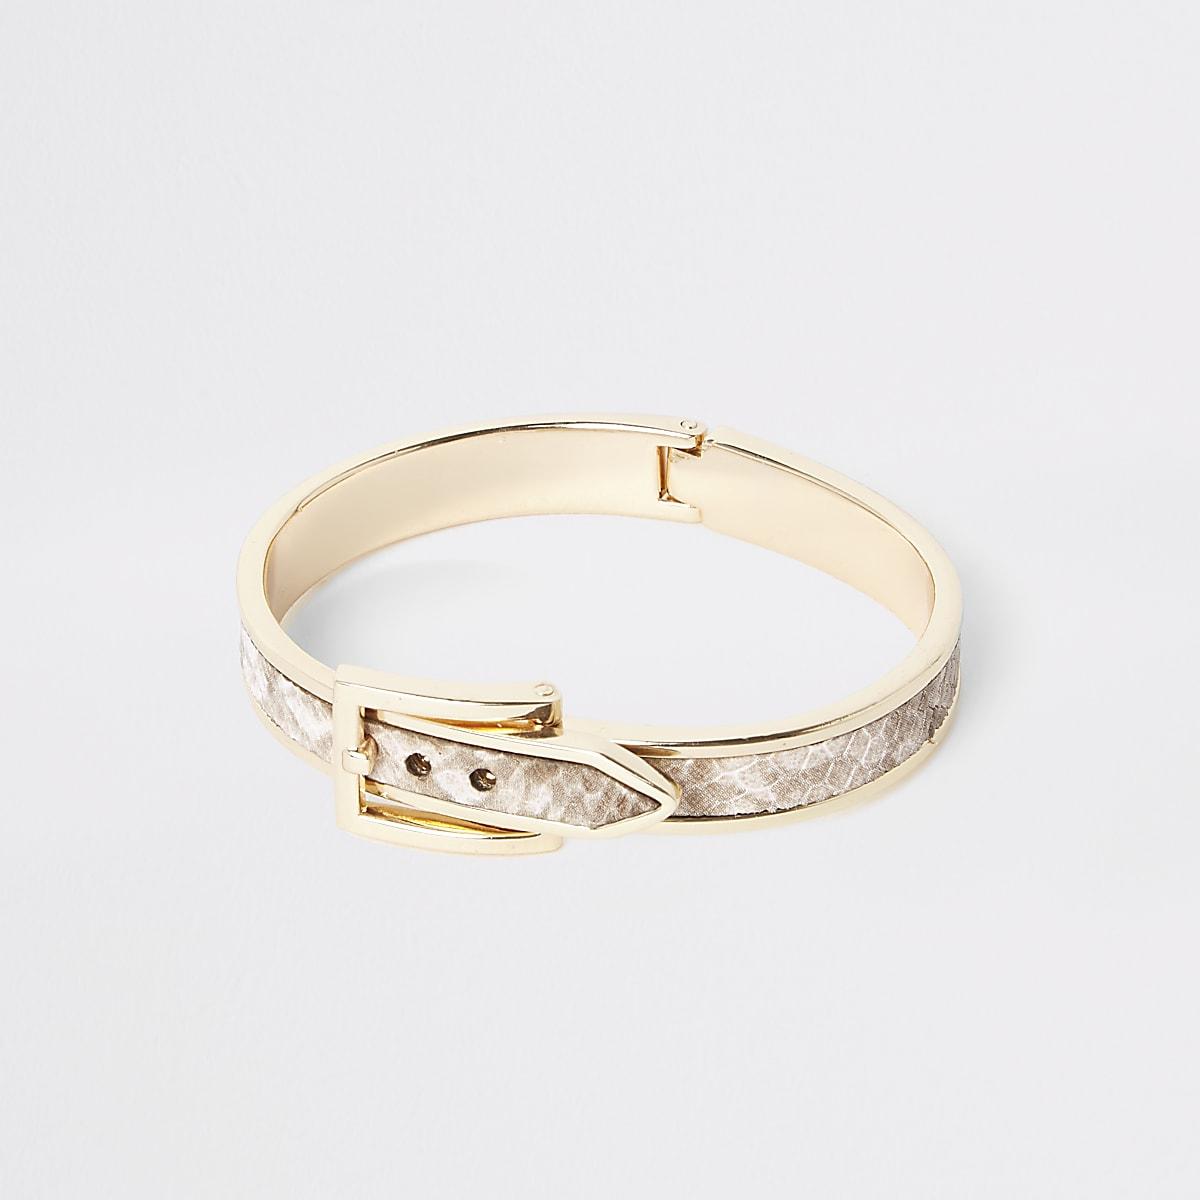 Gold color brown snake print buckle bracelet